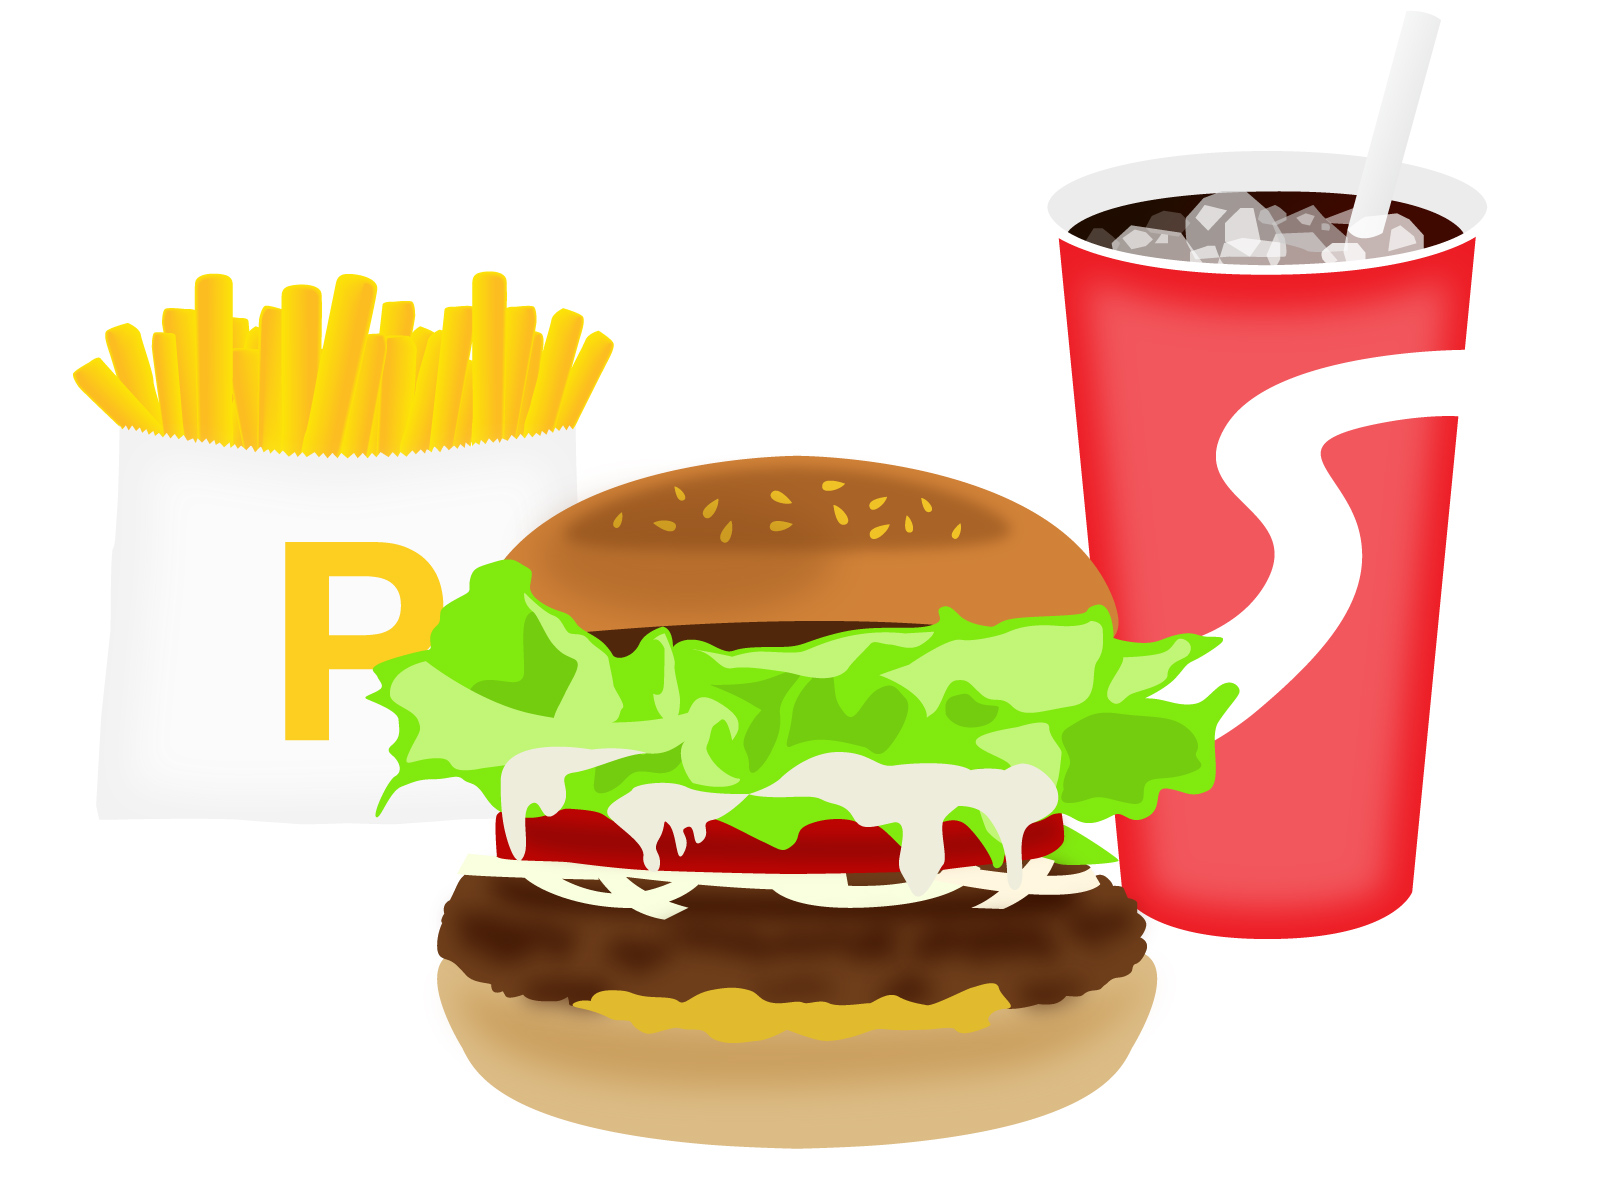 【悲報】ハンバーガー×コーラに匹敵する日本料理が存在しない